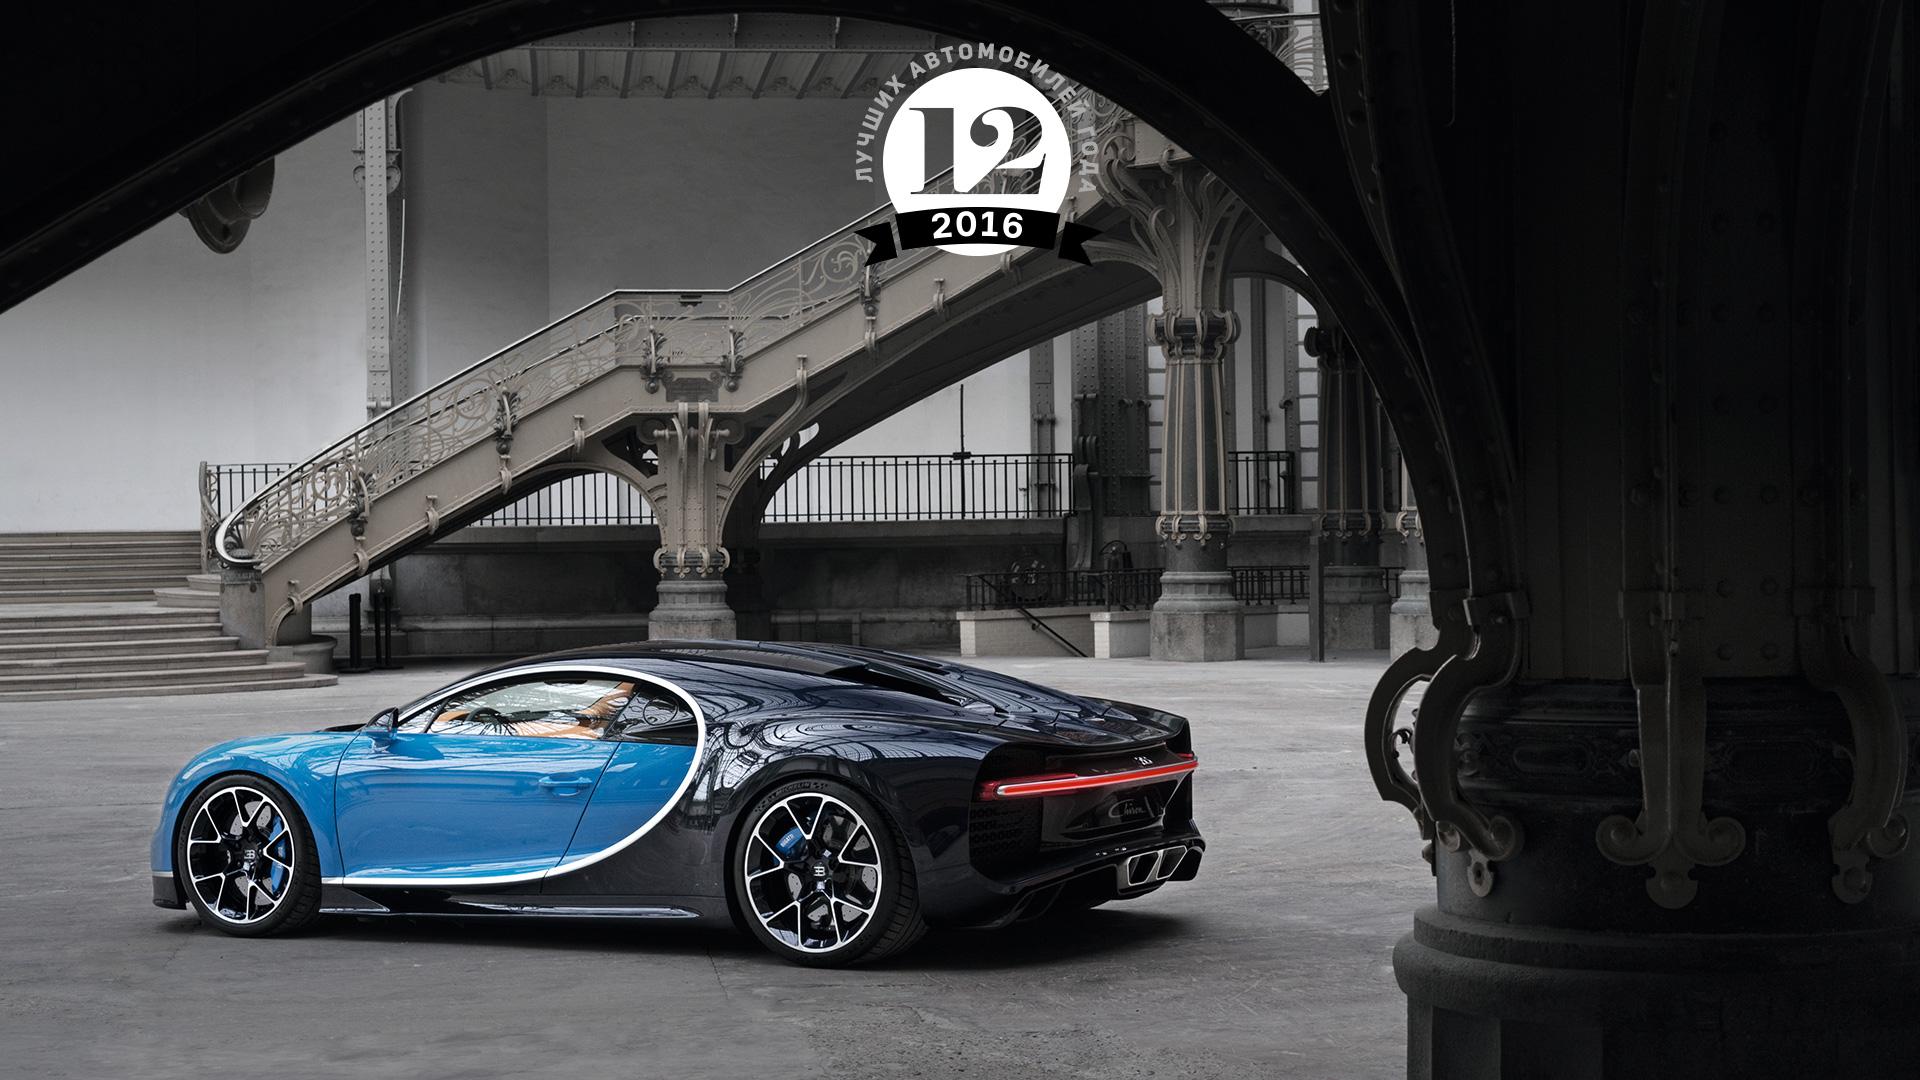 Главные автомобили 2016 года поверсии «Мотора». Фото 13